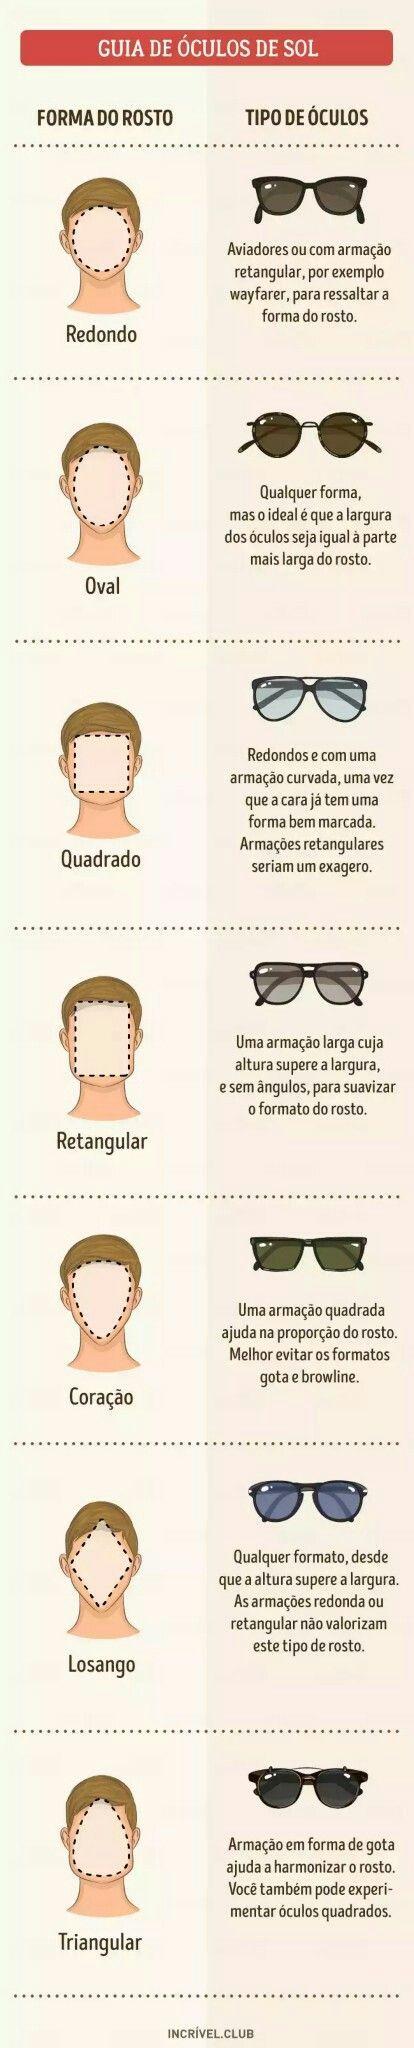 Formato de oculos para cada tipo de rosto masculino